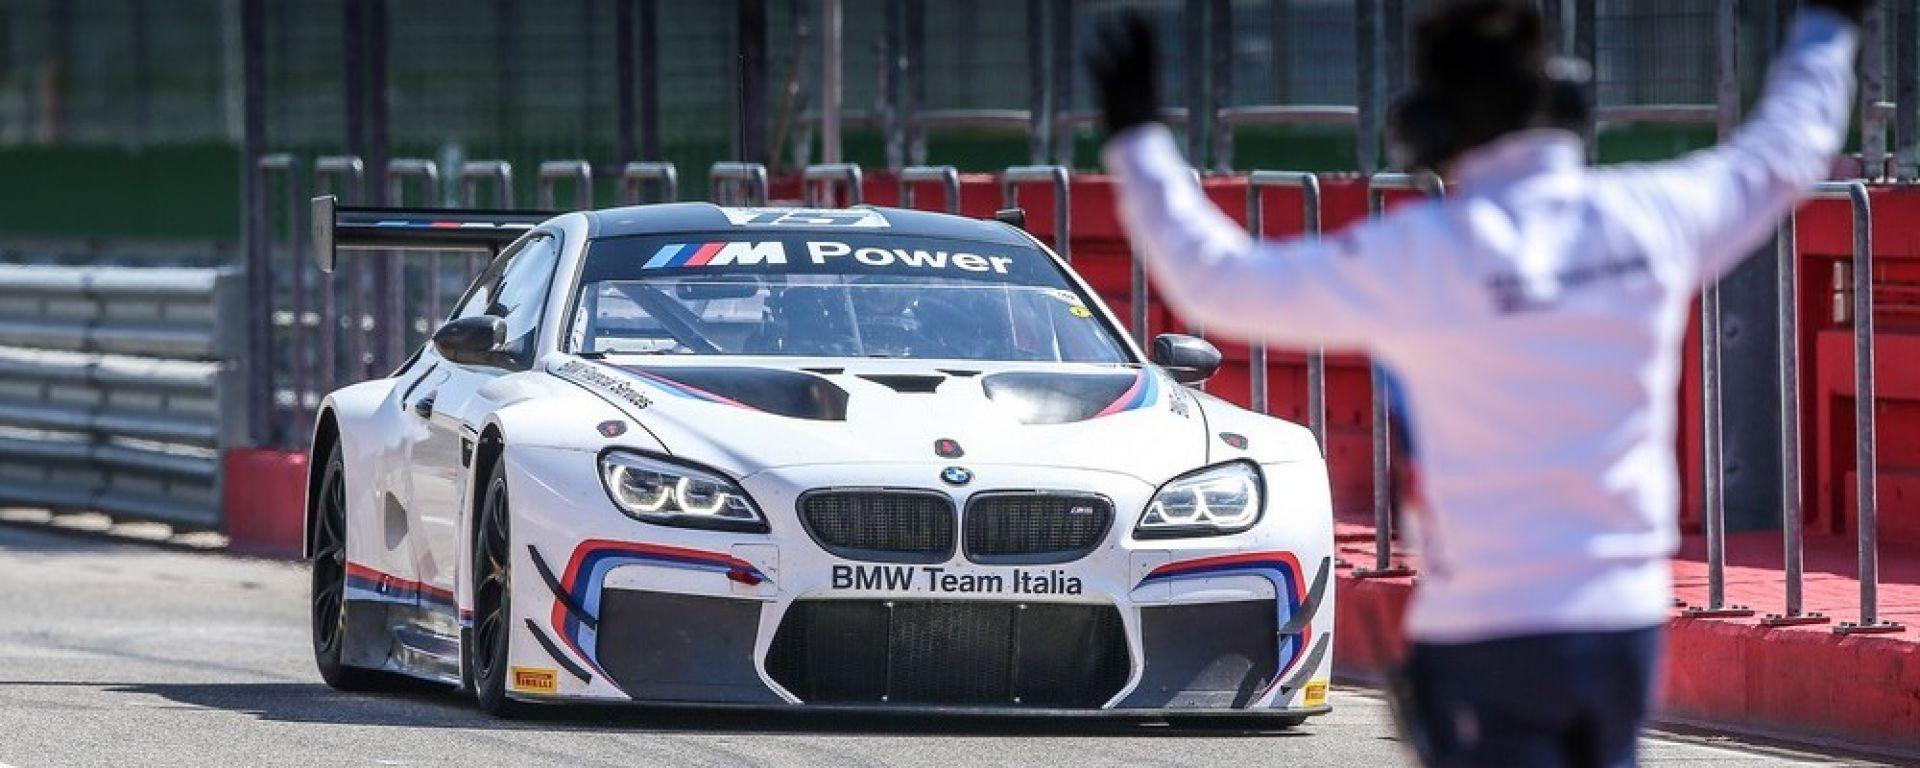 Campionato GT Italiano 2017: BMW Team Italia